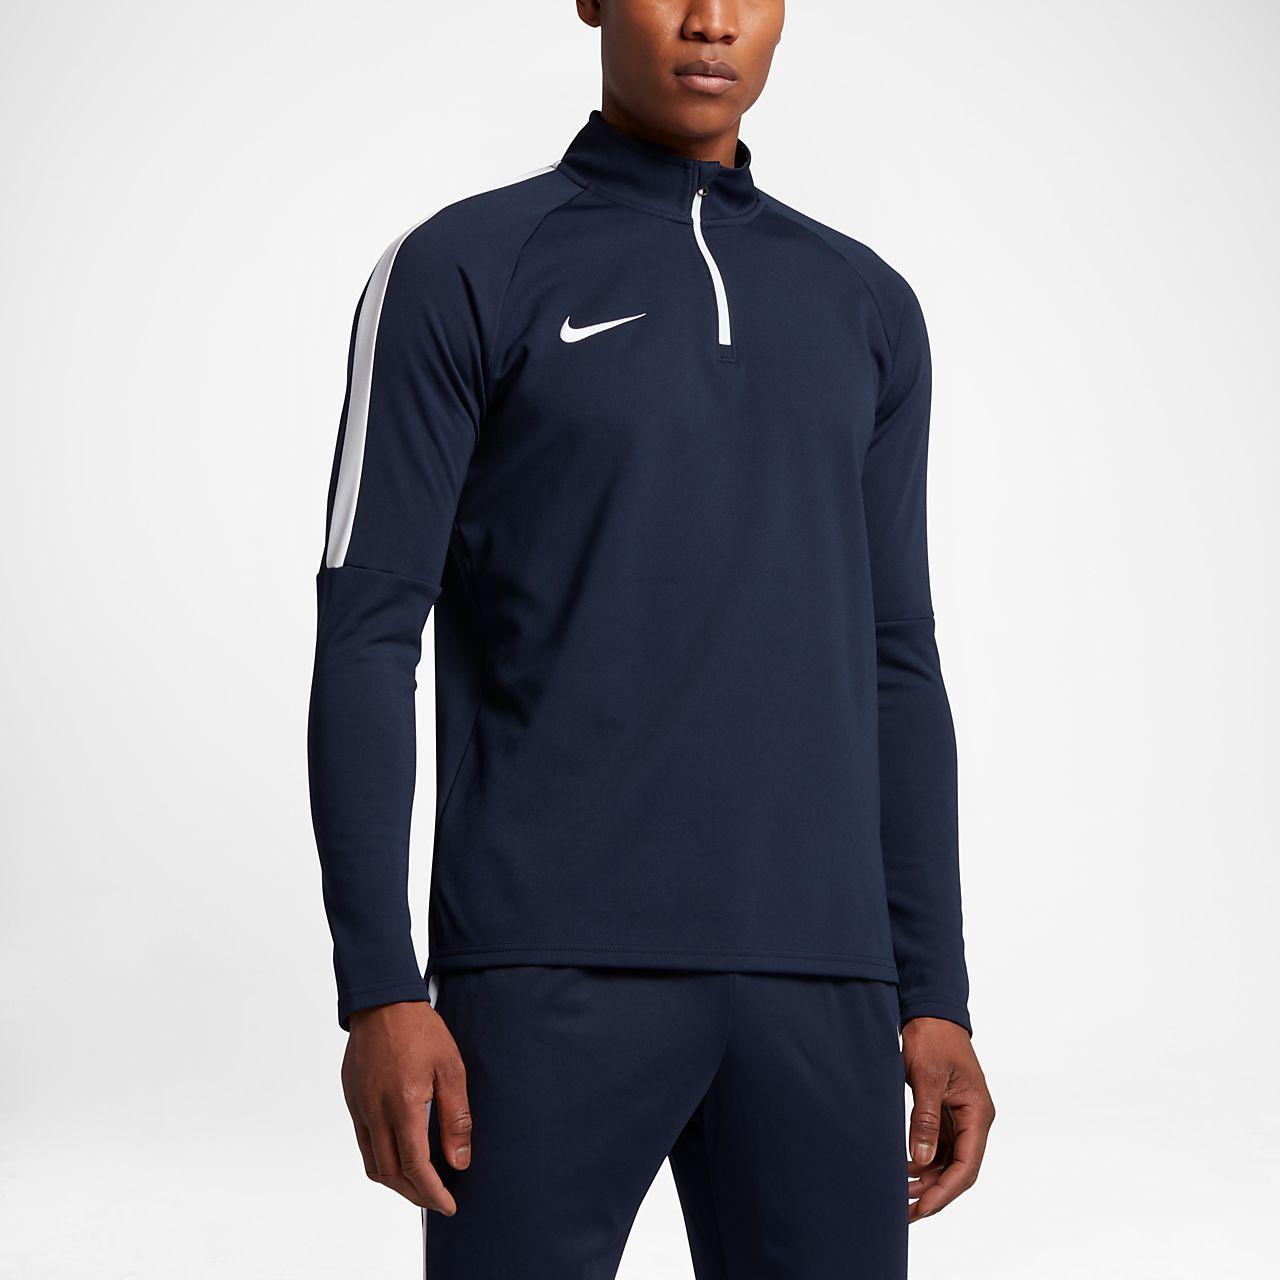 Nike Dri-FIT Academy Camiseta de fútbol de entrenamiento con cremallera de  1 4 f28d4f129af5a